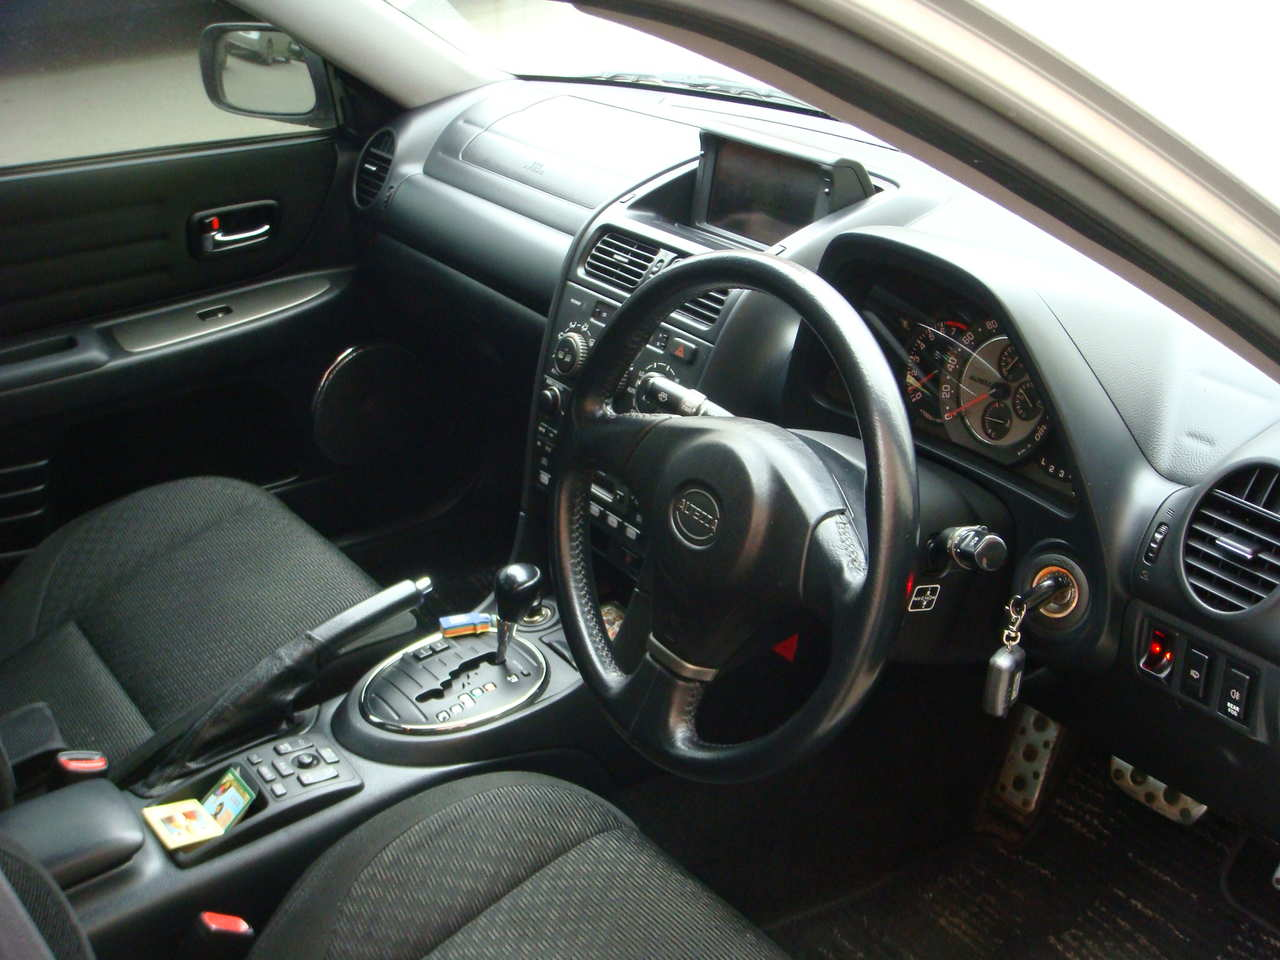 Lexus Cars For Sale >> 2002 Lexus IS200 Photos, 2.0, Gasoline, FR or RR, Automatic For Sale